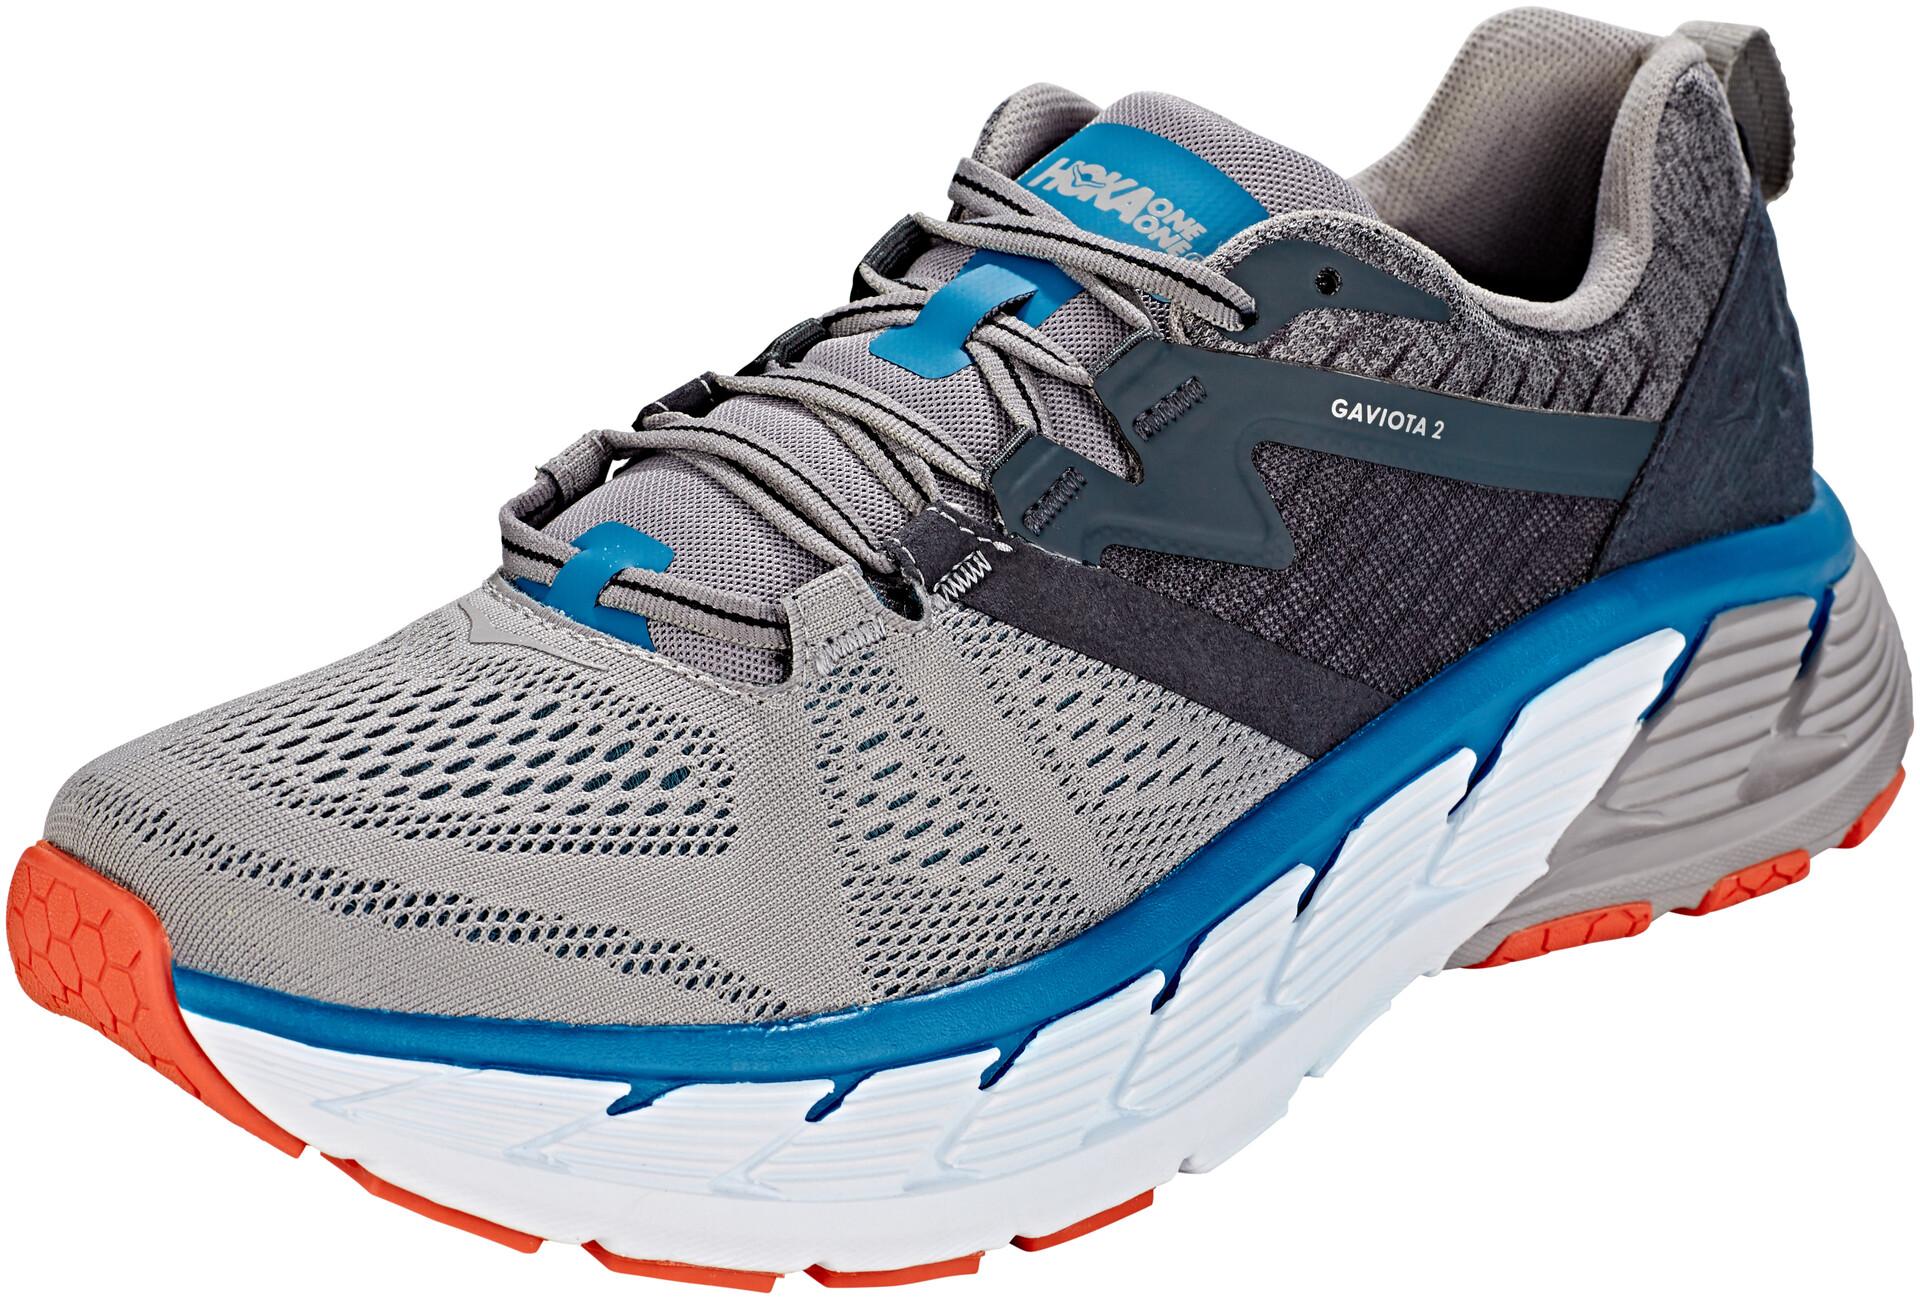 Grayseaport Gaviota Running Hoka One 2 Chaussures HommeFrost LpSMqjUzVG